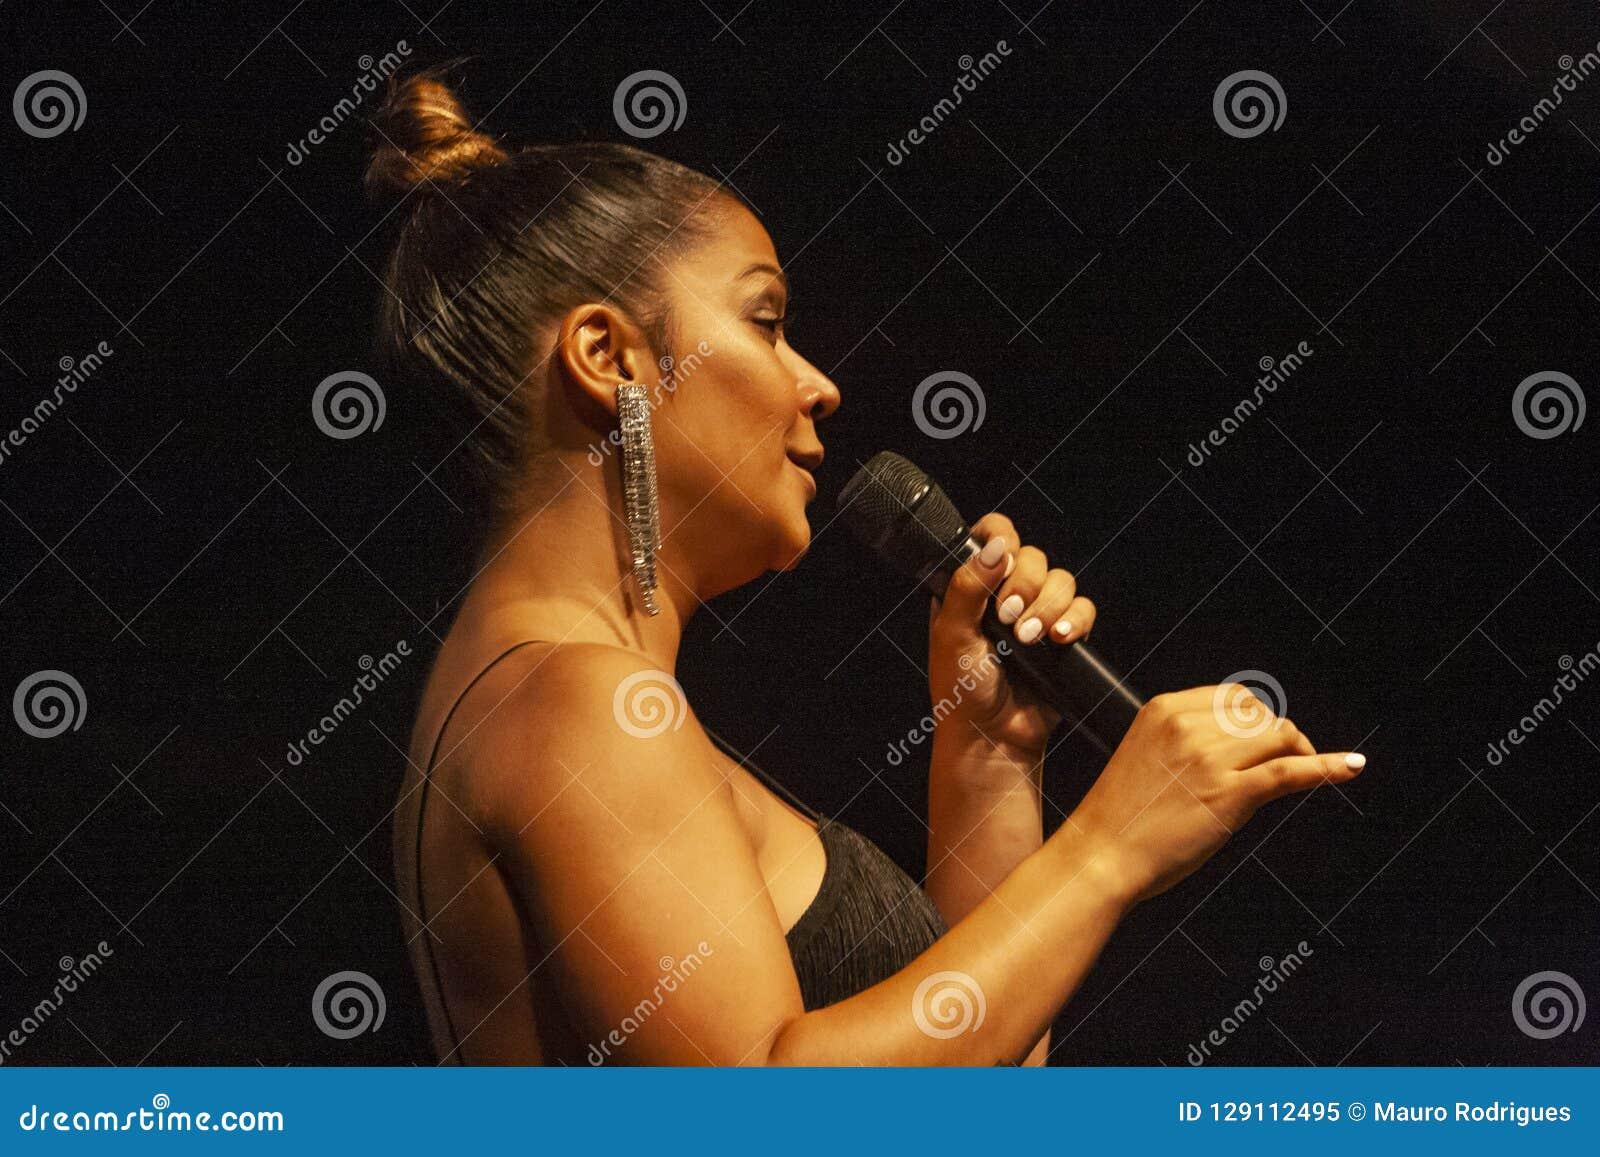 Raquel Tavares konstnär som utför på musikfestival